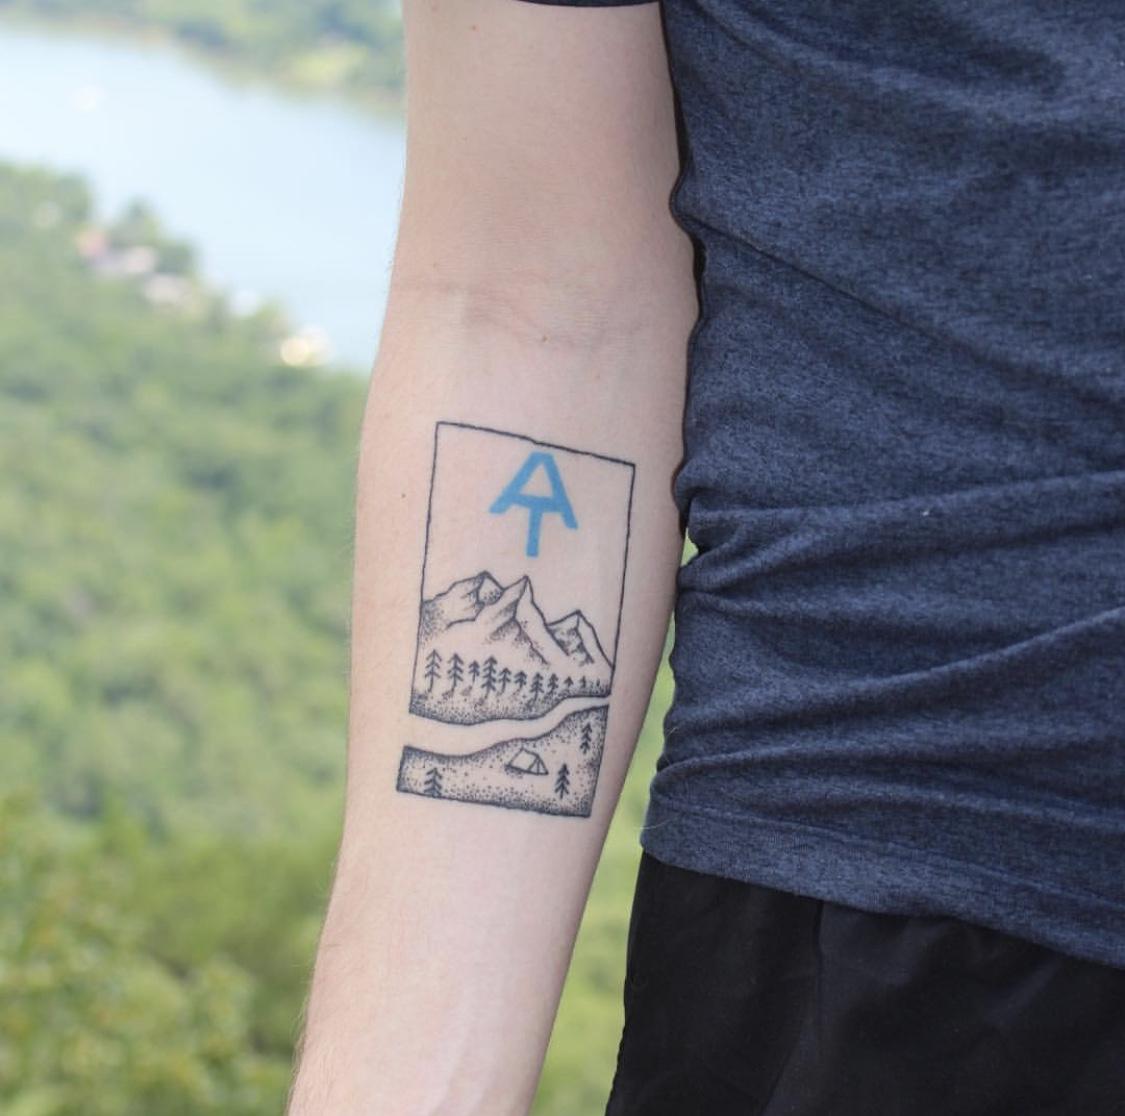 Appalachian Trail Tattoo